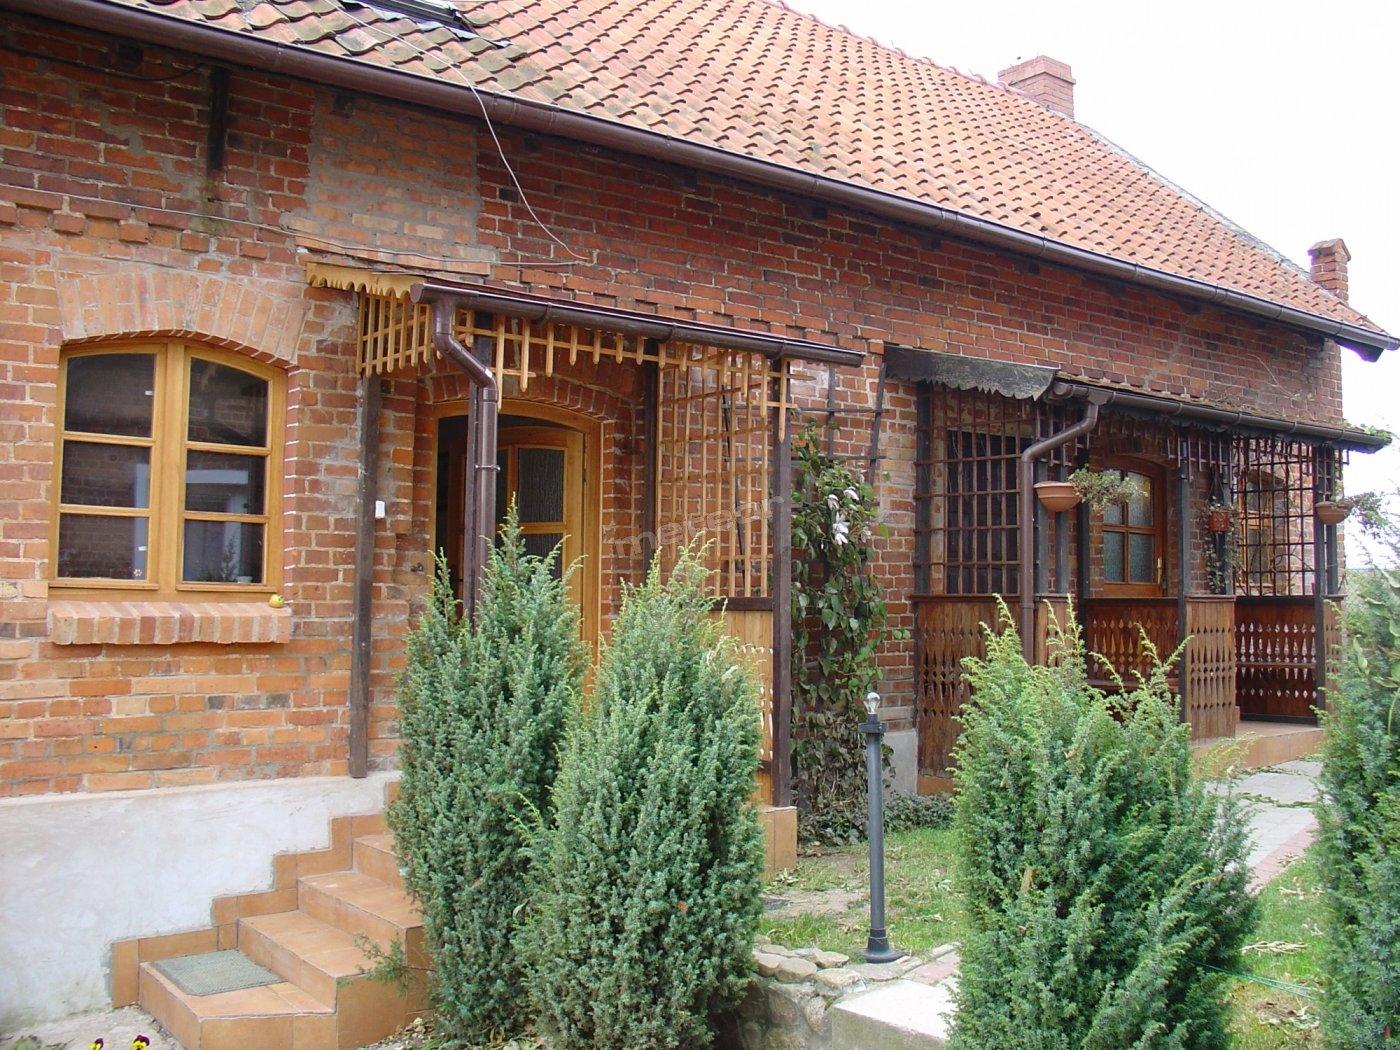 dom na zewnątrz